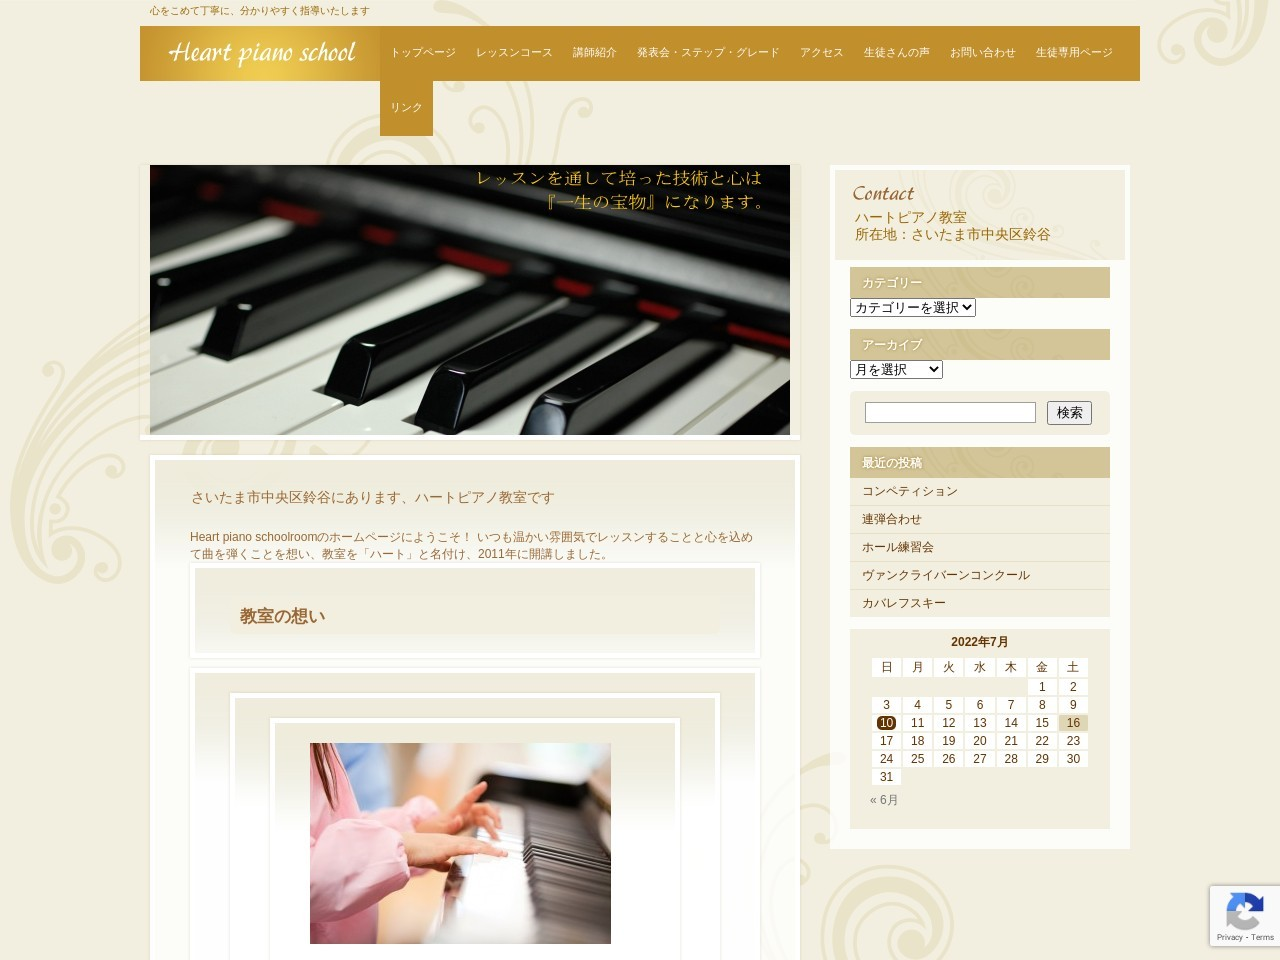 ハートピアノ教室のサムネイル